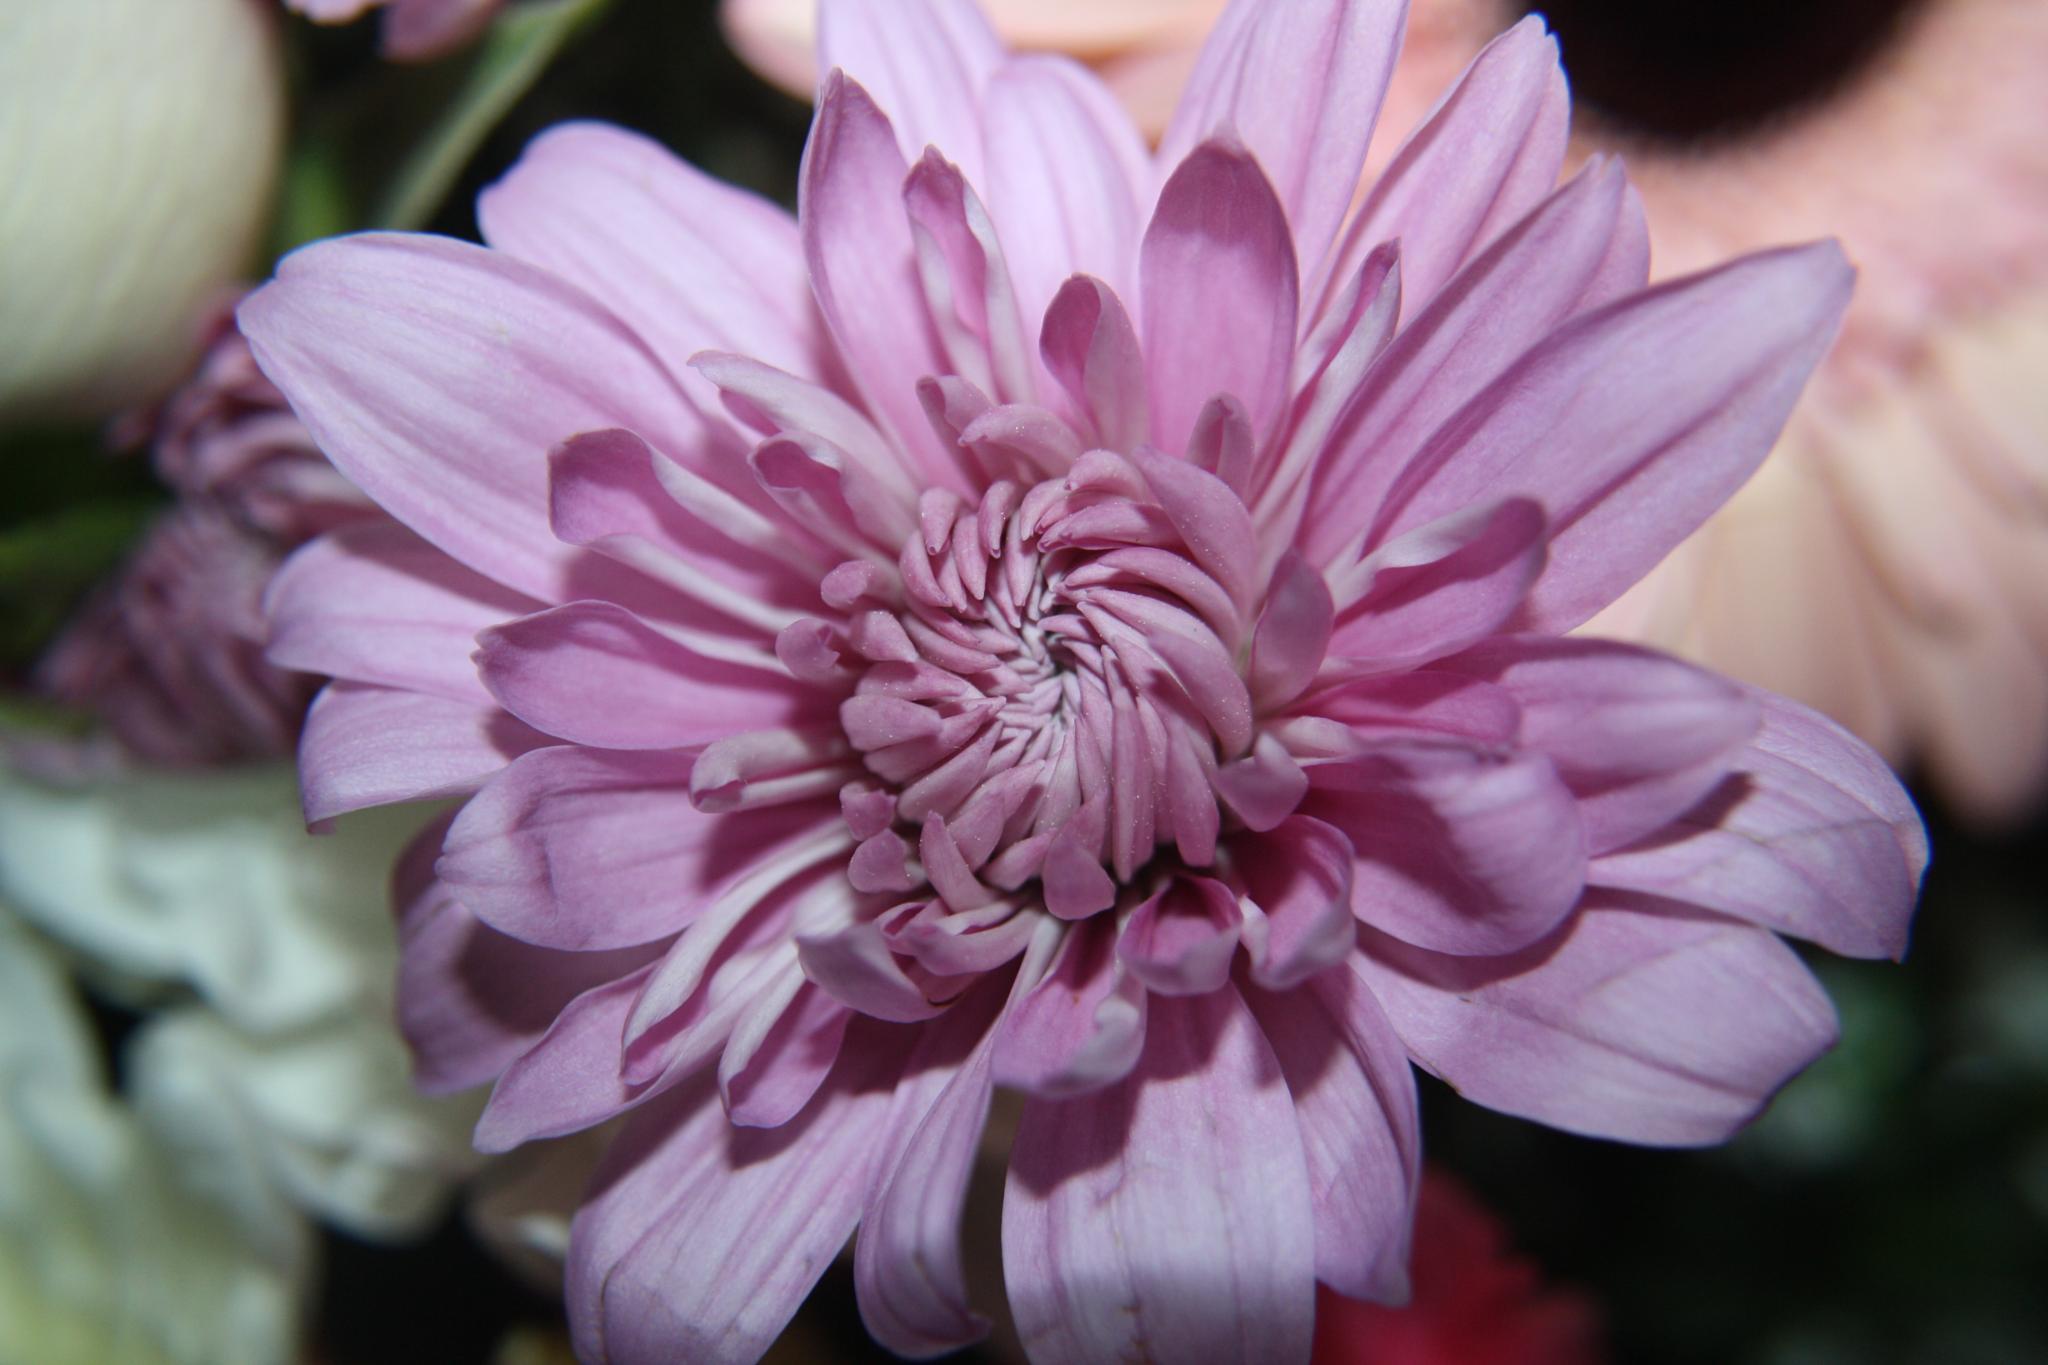 Full Bloom by Sharon Abbott